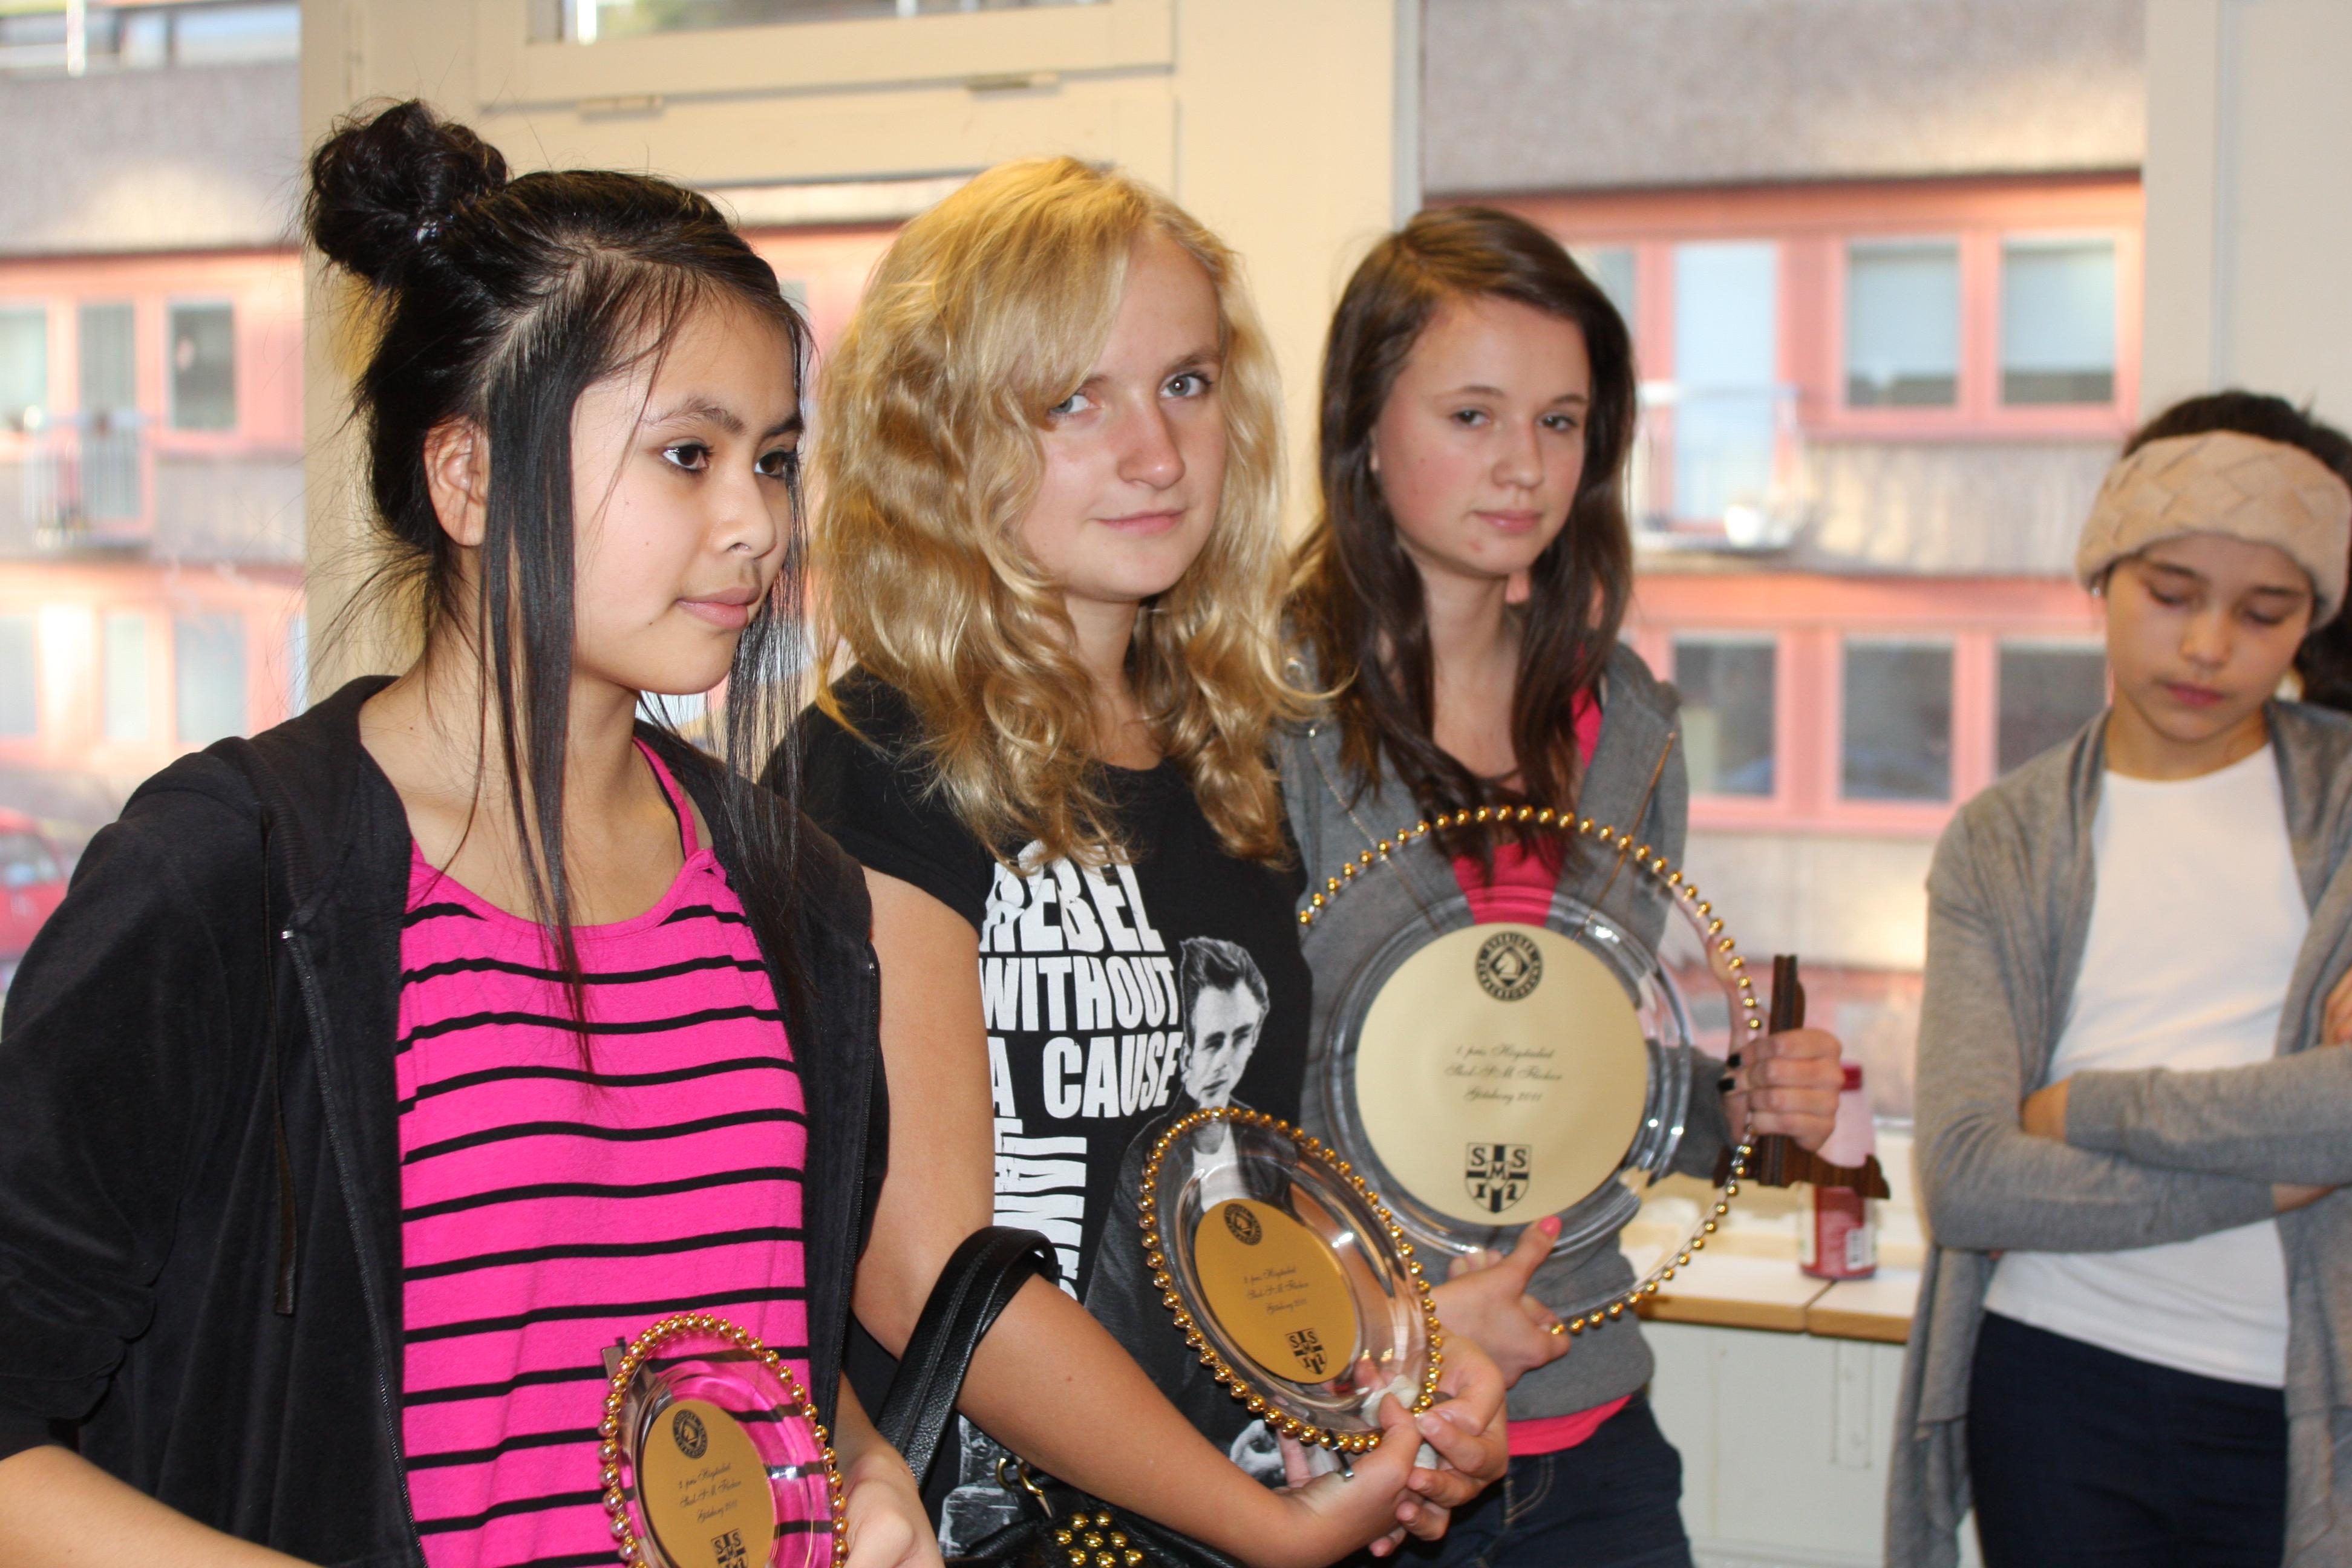 Högstadiets topp tre, fr.v. Ina Kraemer (trea), Louise Segerfelt (tvåa) och Jessica Bengtsson (segrarinna).